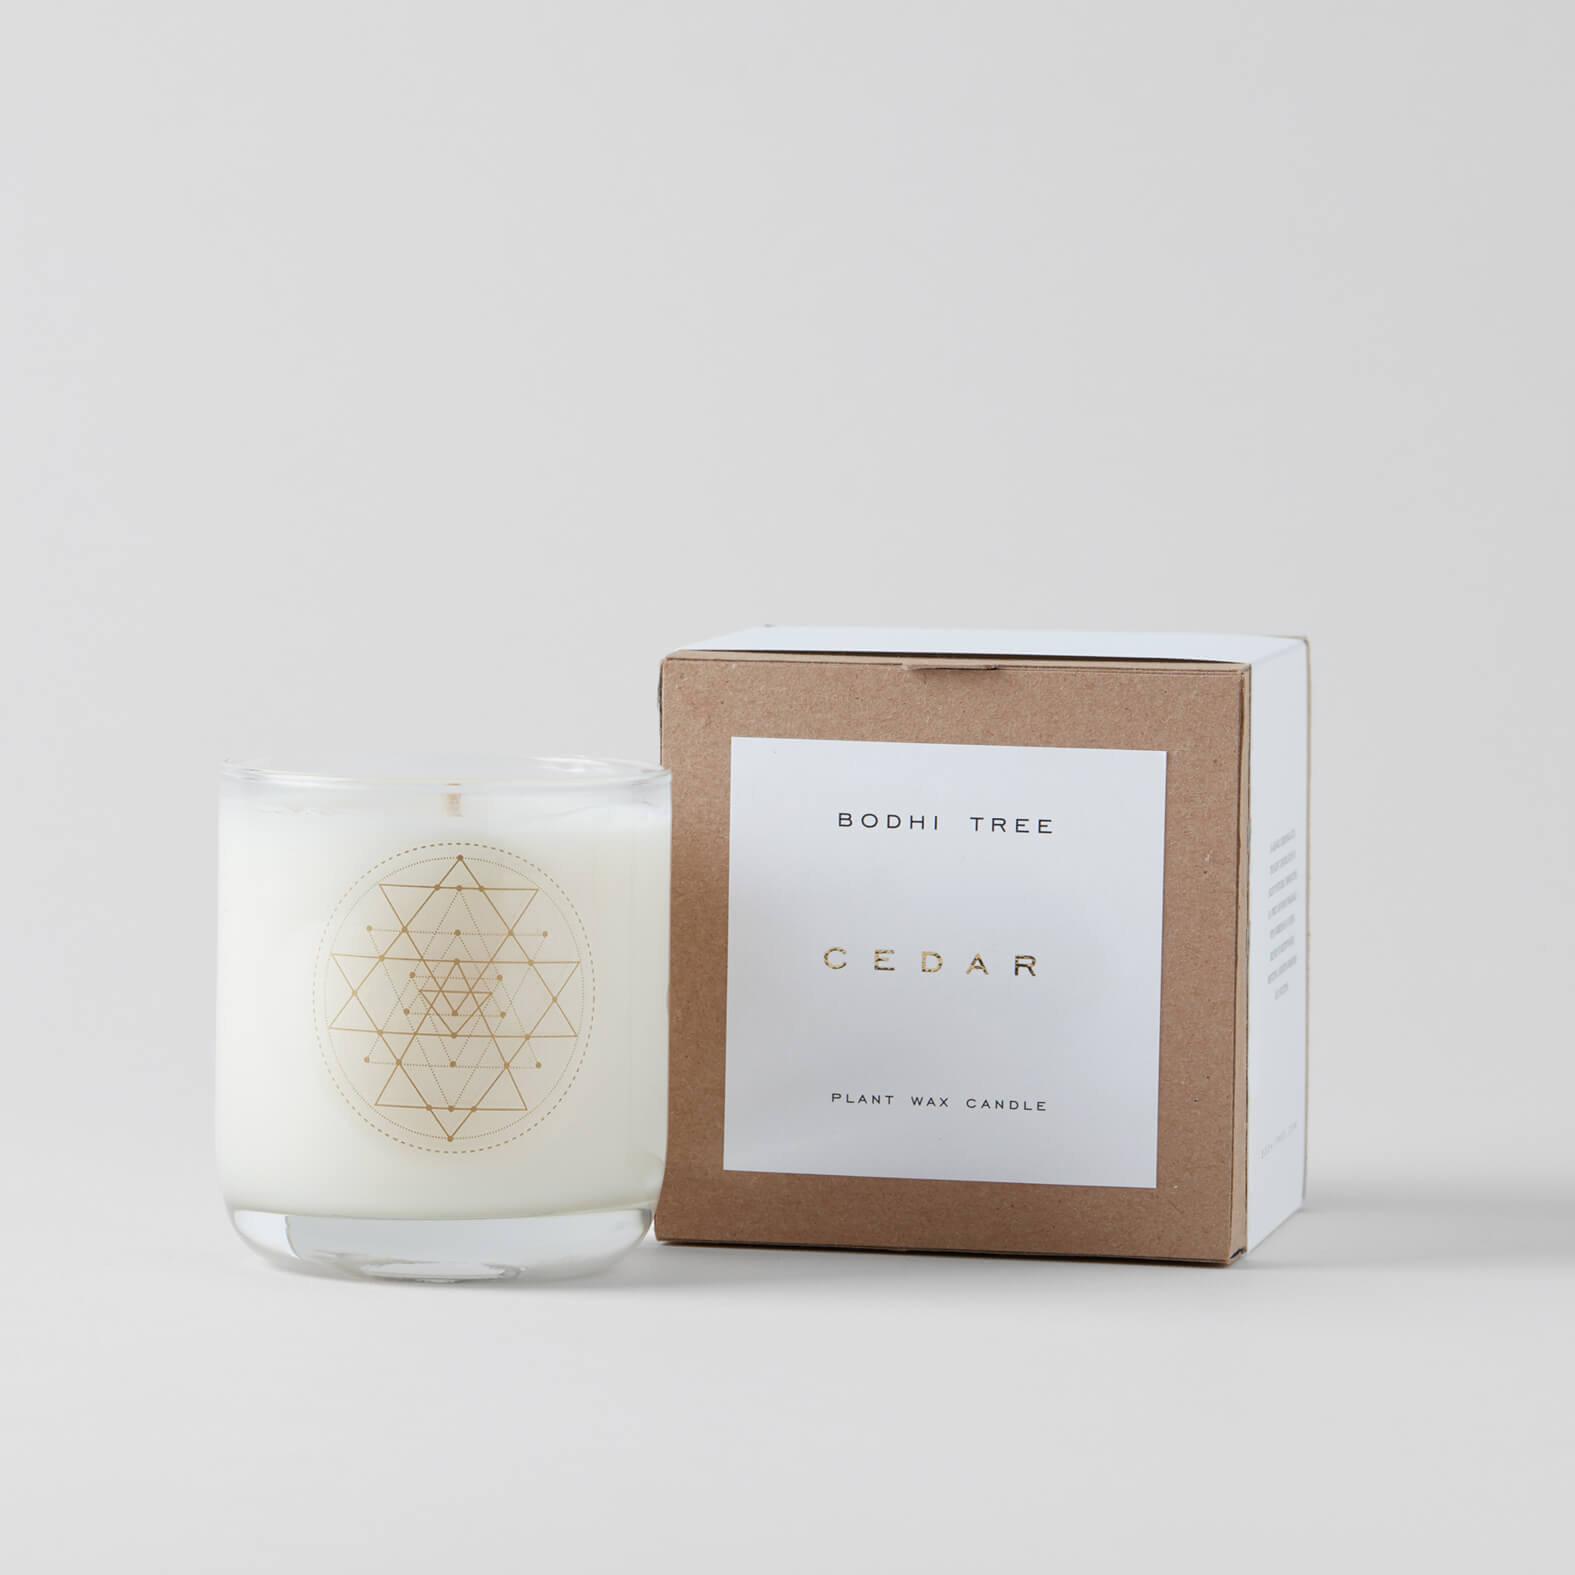 Bodhi Tree Cedar Candle